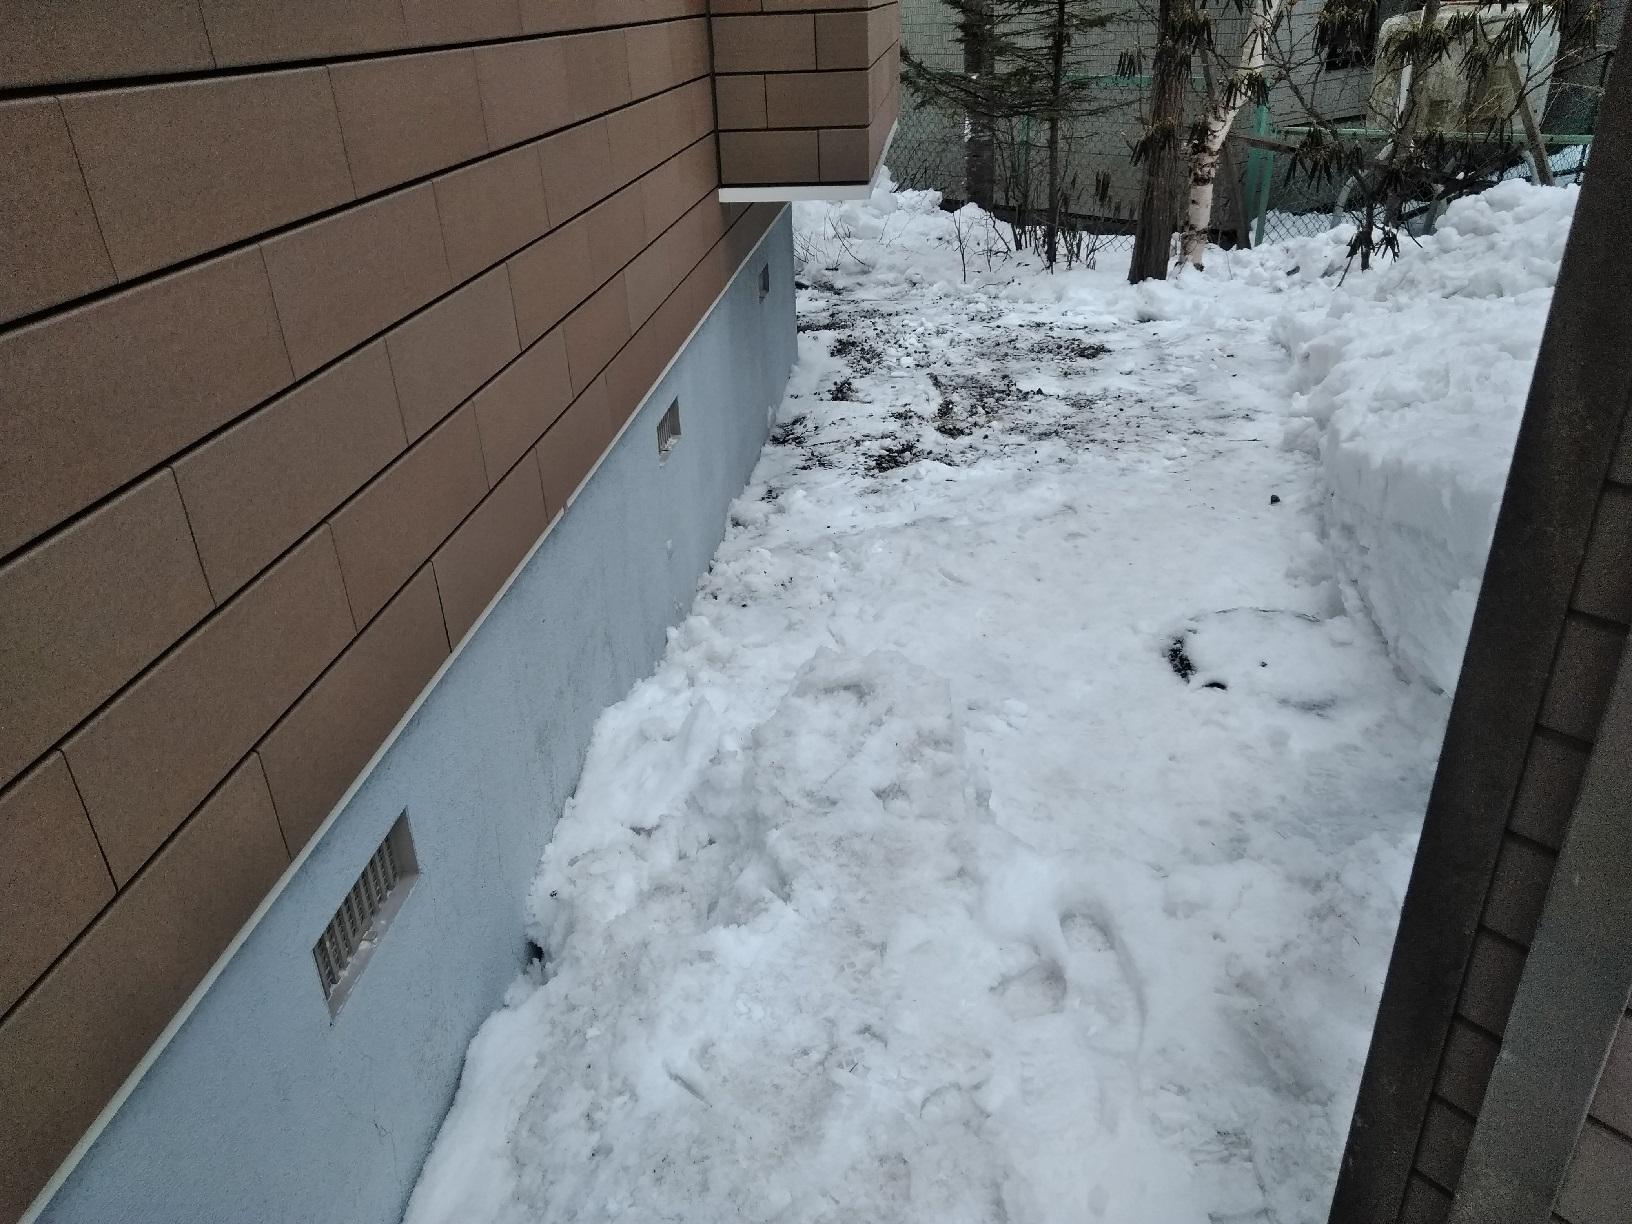 昭和M様所有物件 必要箇所の雪掻き1